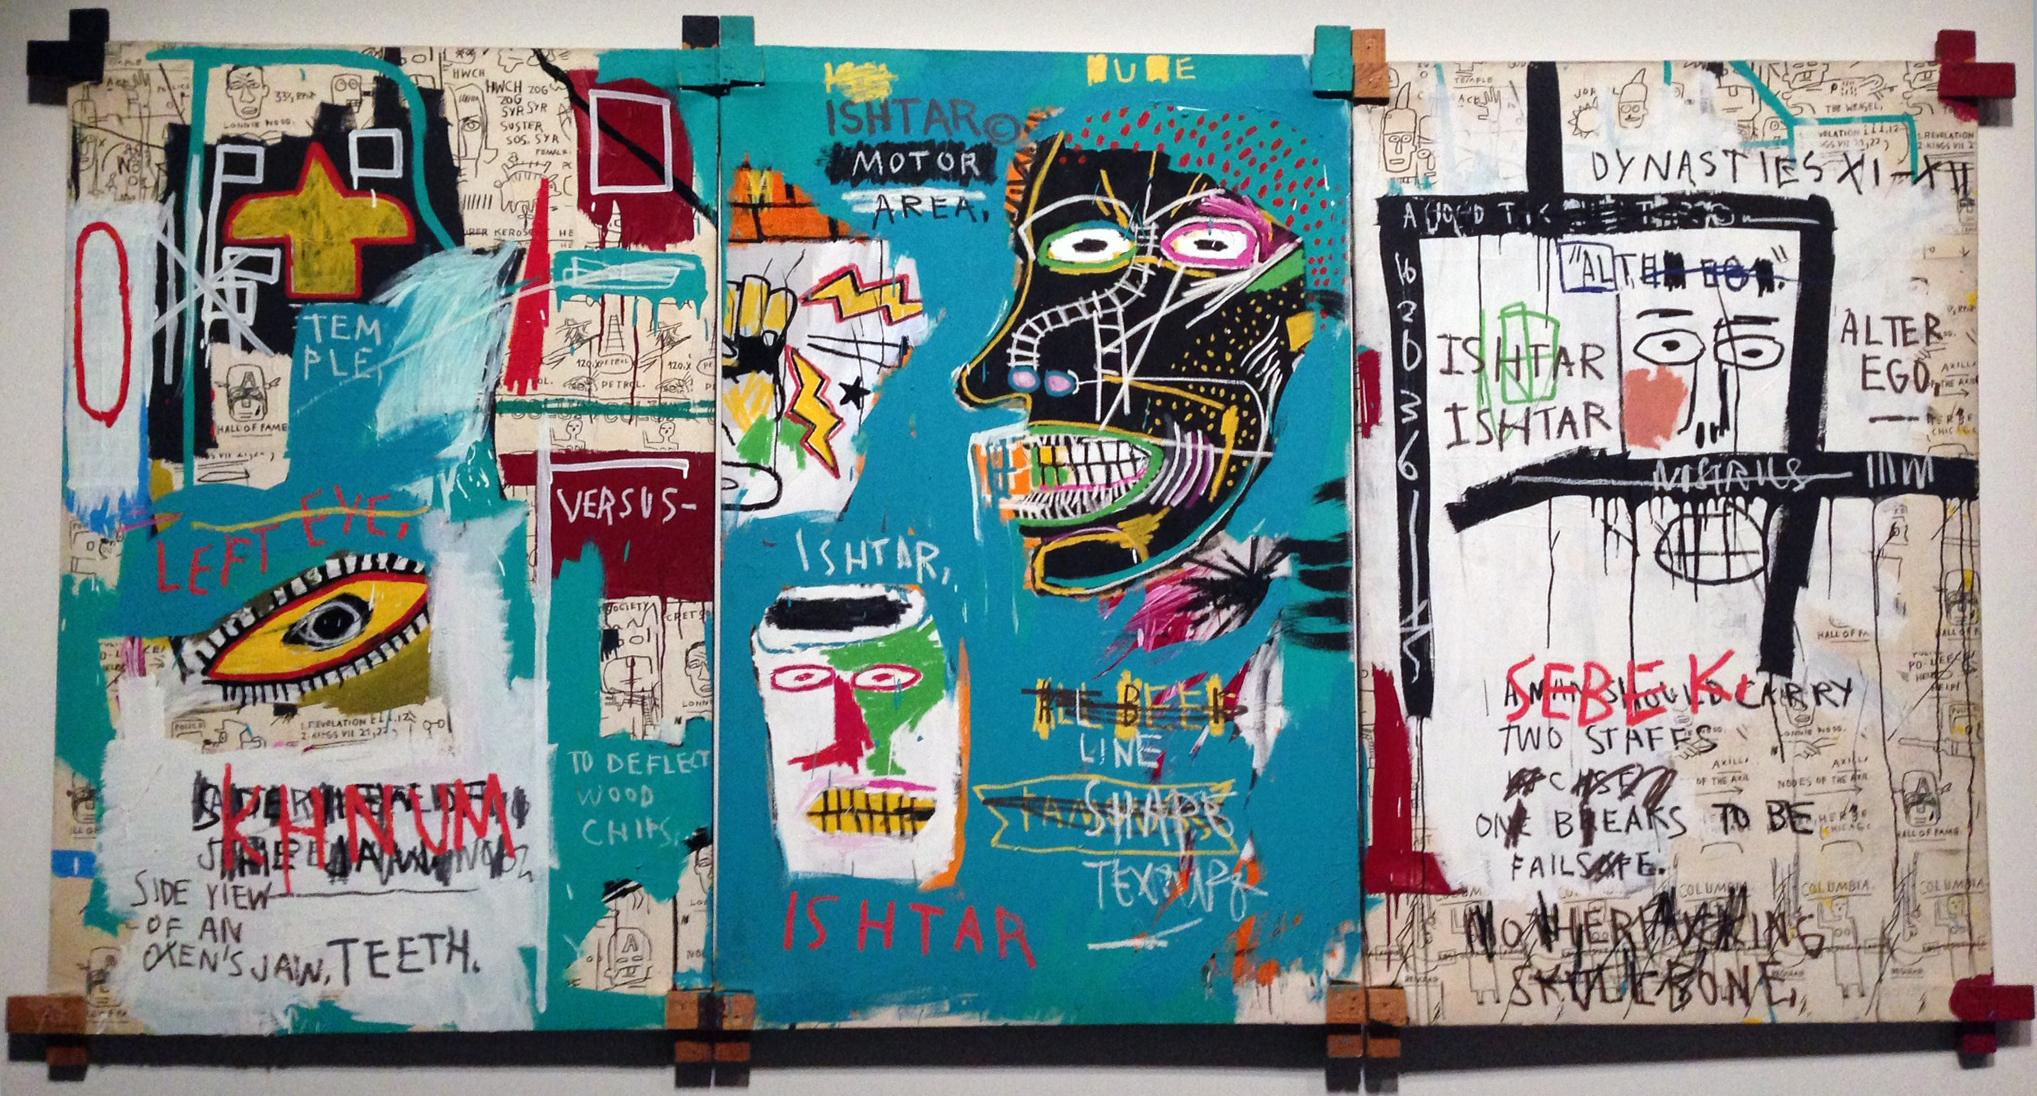 Jean-Michel Basquiat: Ishtar, 1983.